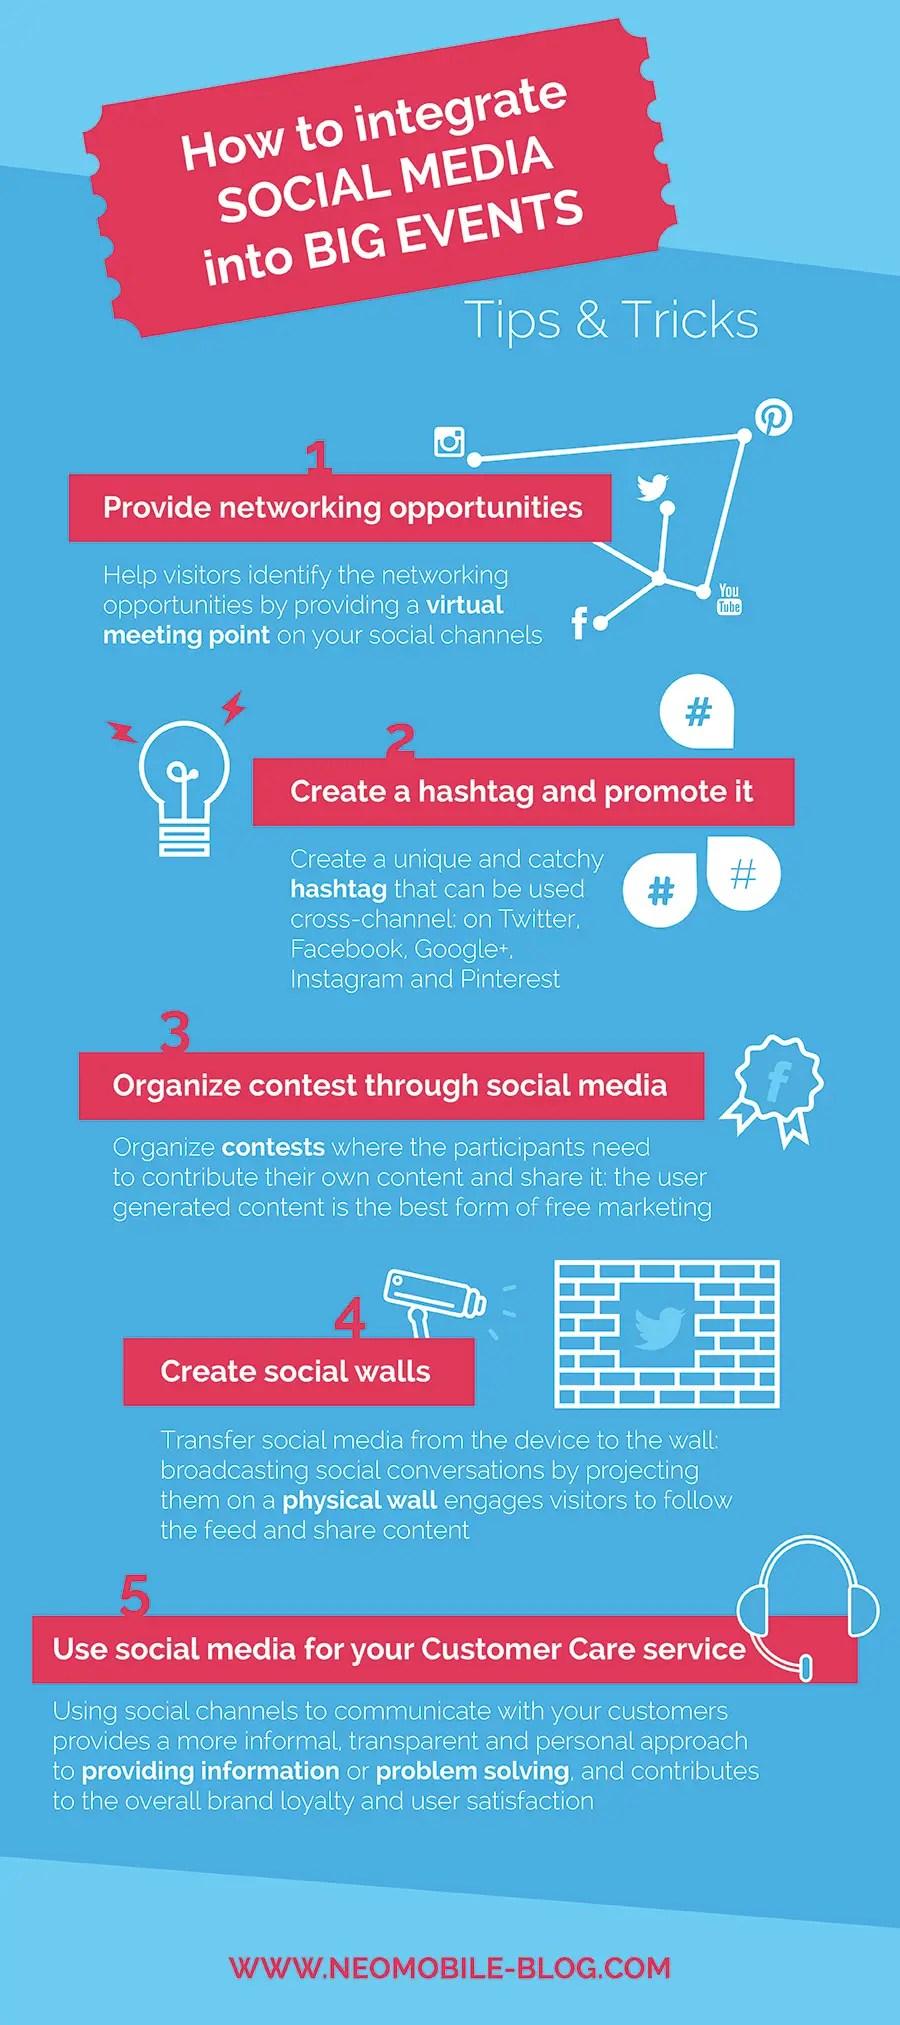 5 ideas to integrate social media into big events • experts talk